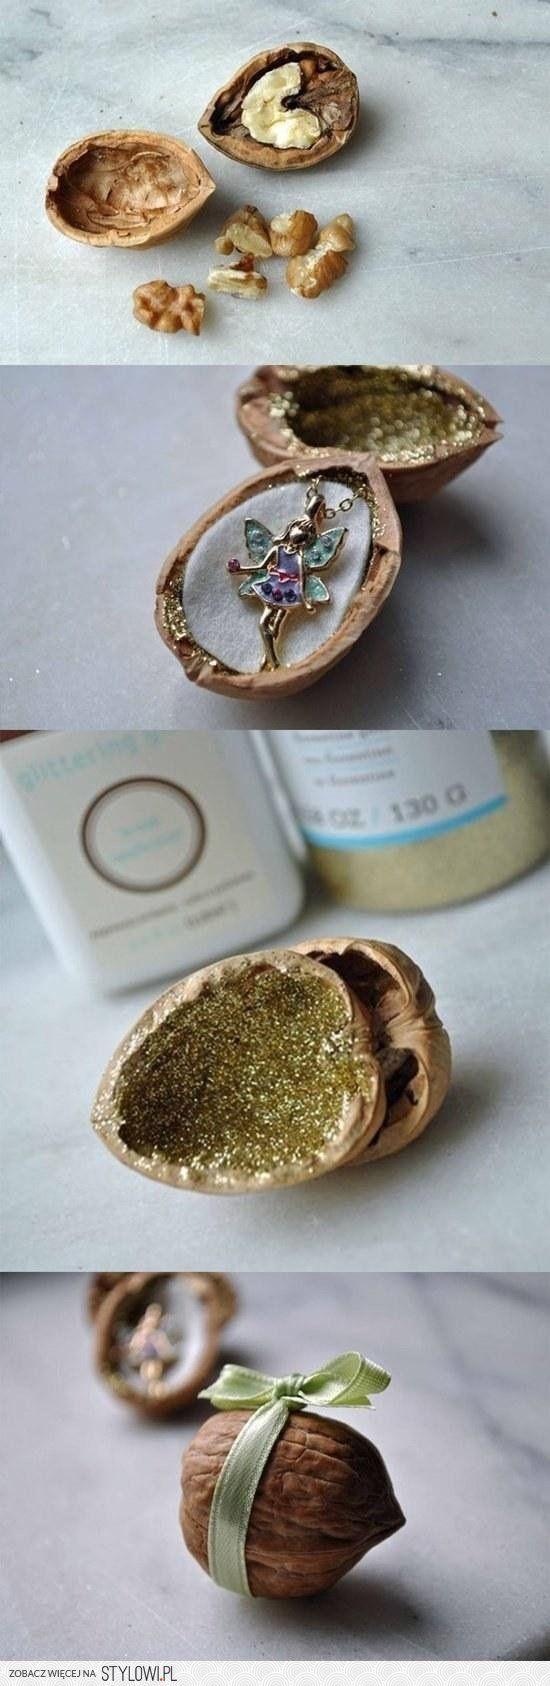 leuk om een sieraad in te pakken Cute diy gift packaging for a fairy necklace or...